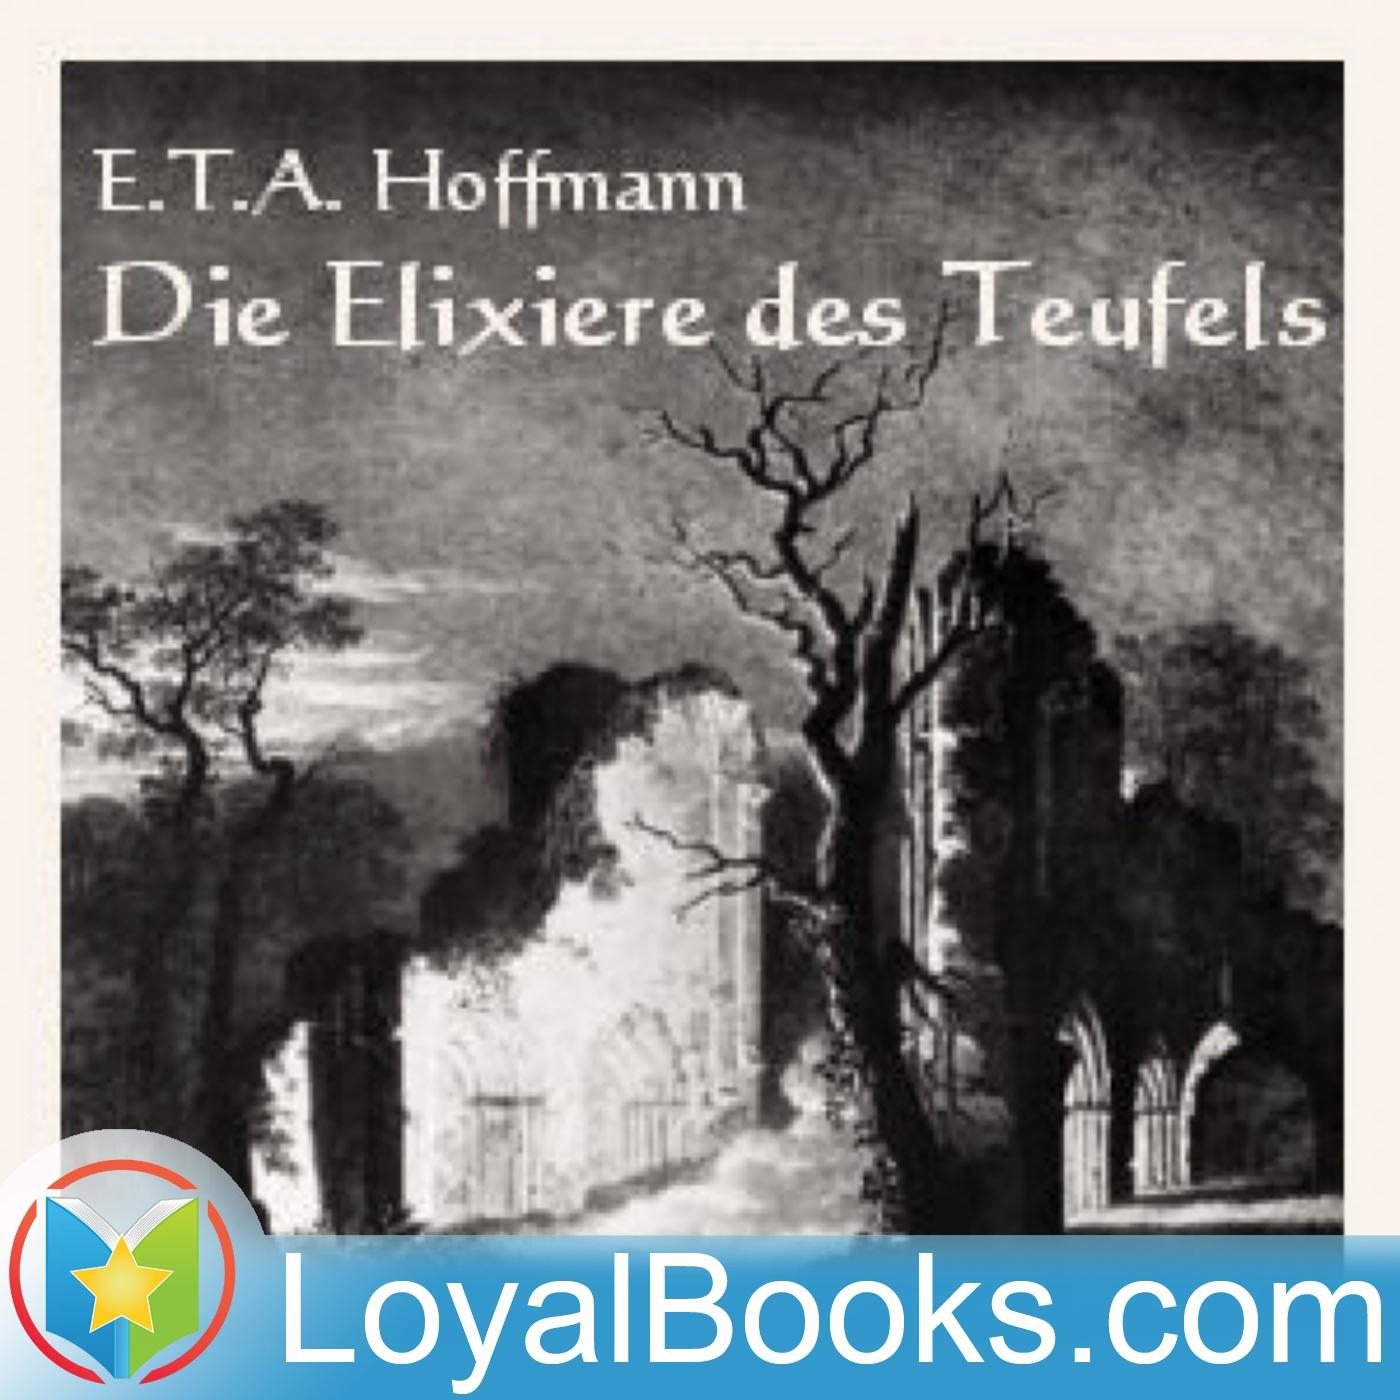 <![CDATA[Die Elixiere des Teufels by E. T. A. Hoffmann]]>